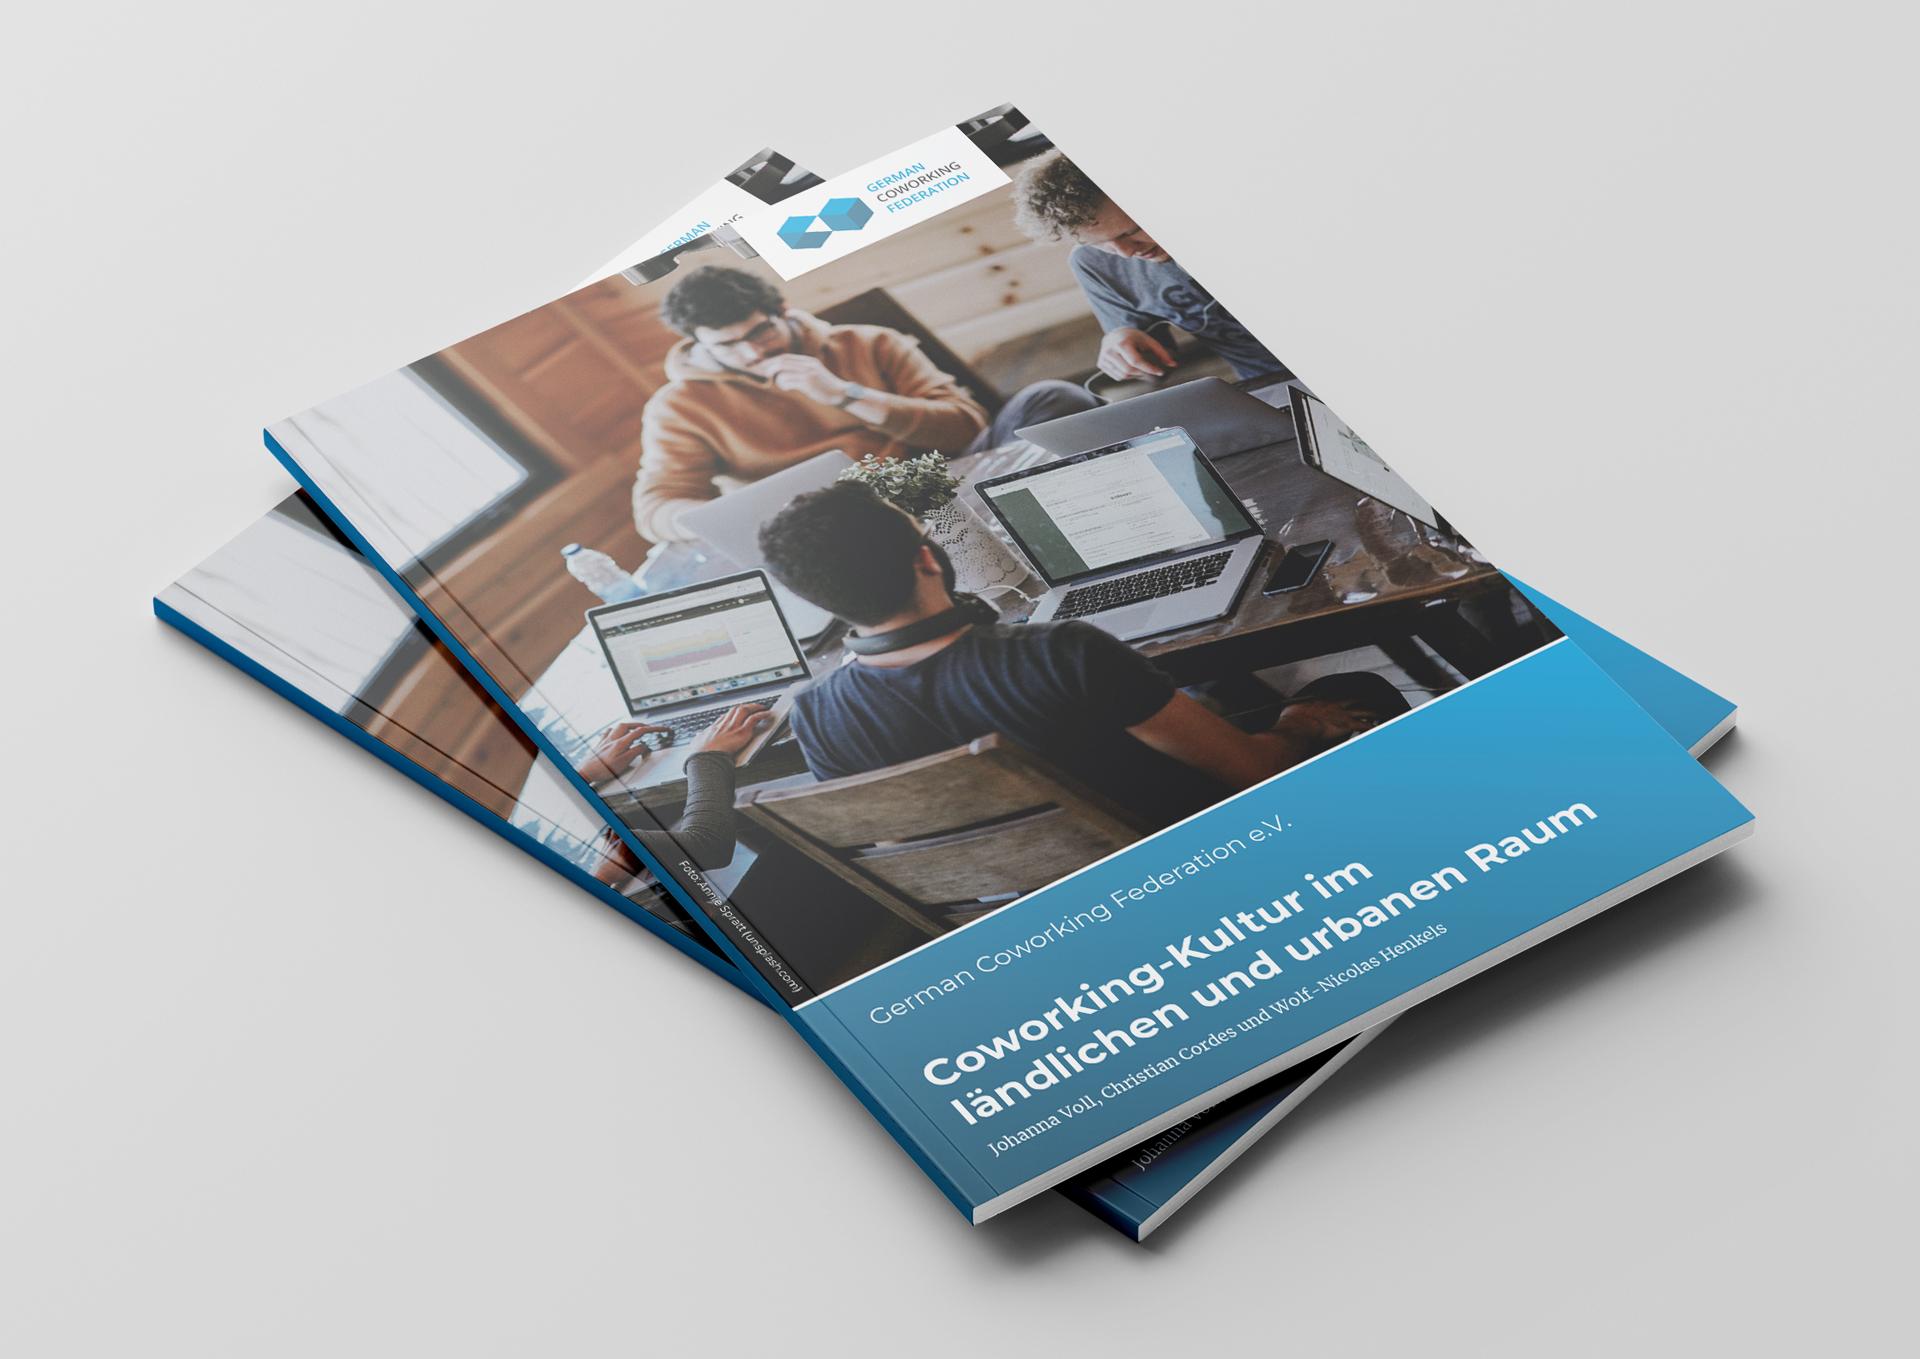 """Thesenpapier """"Coworking-Kultur im ländlichen und urbanen Raum"""" veröffentlicht"""